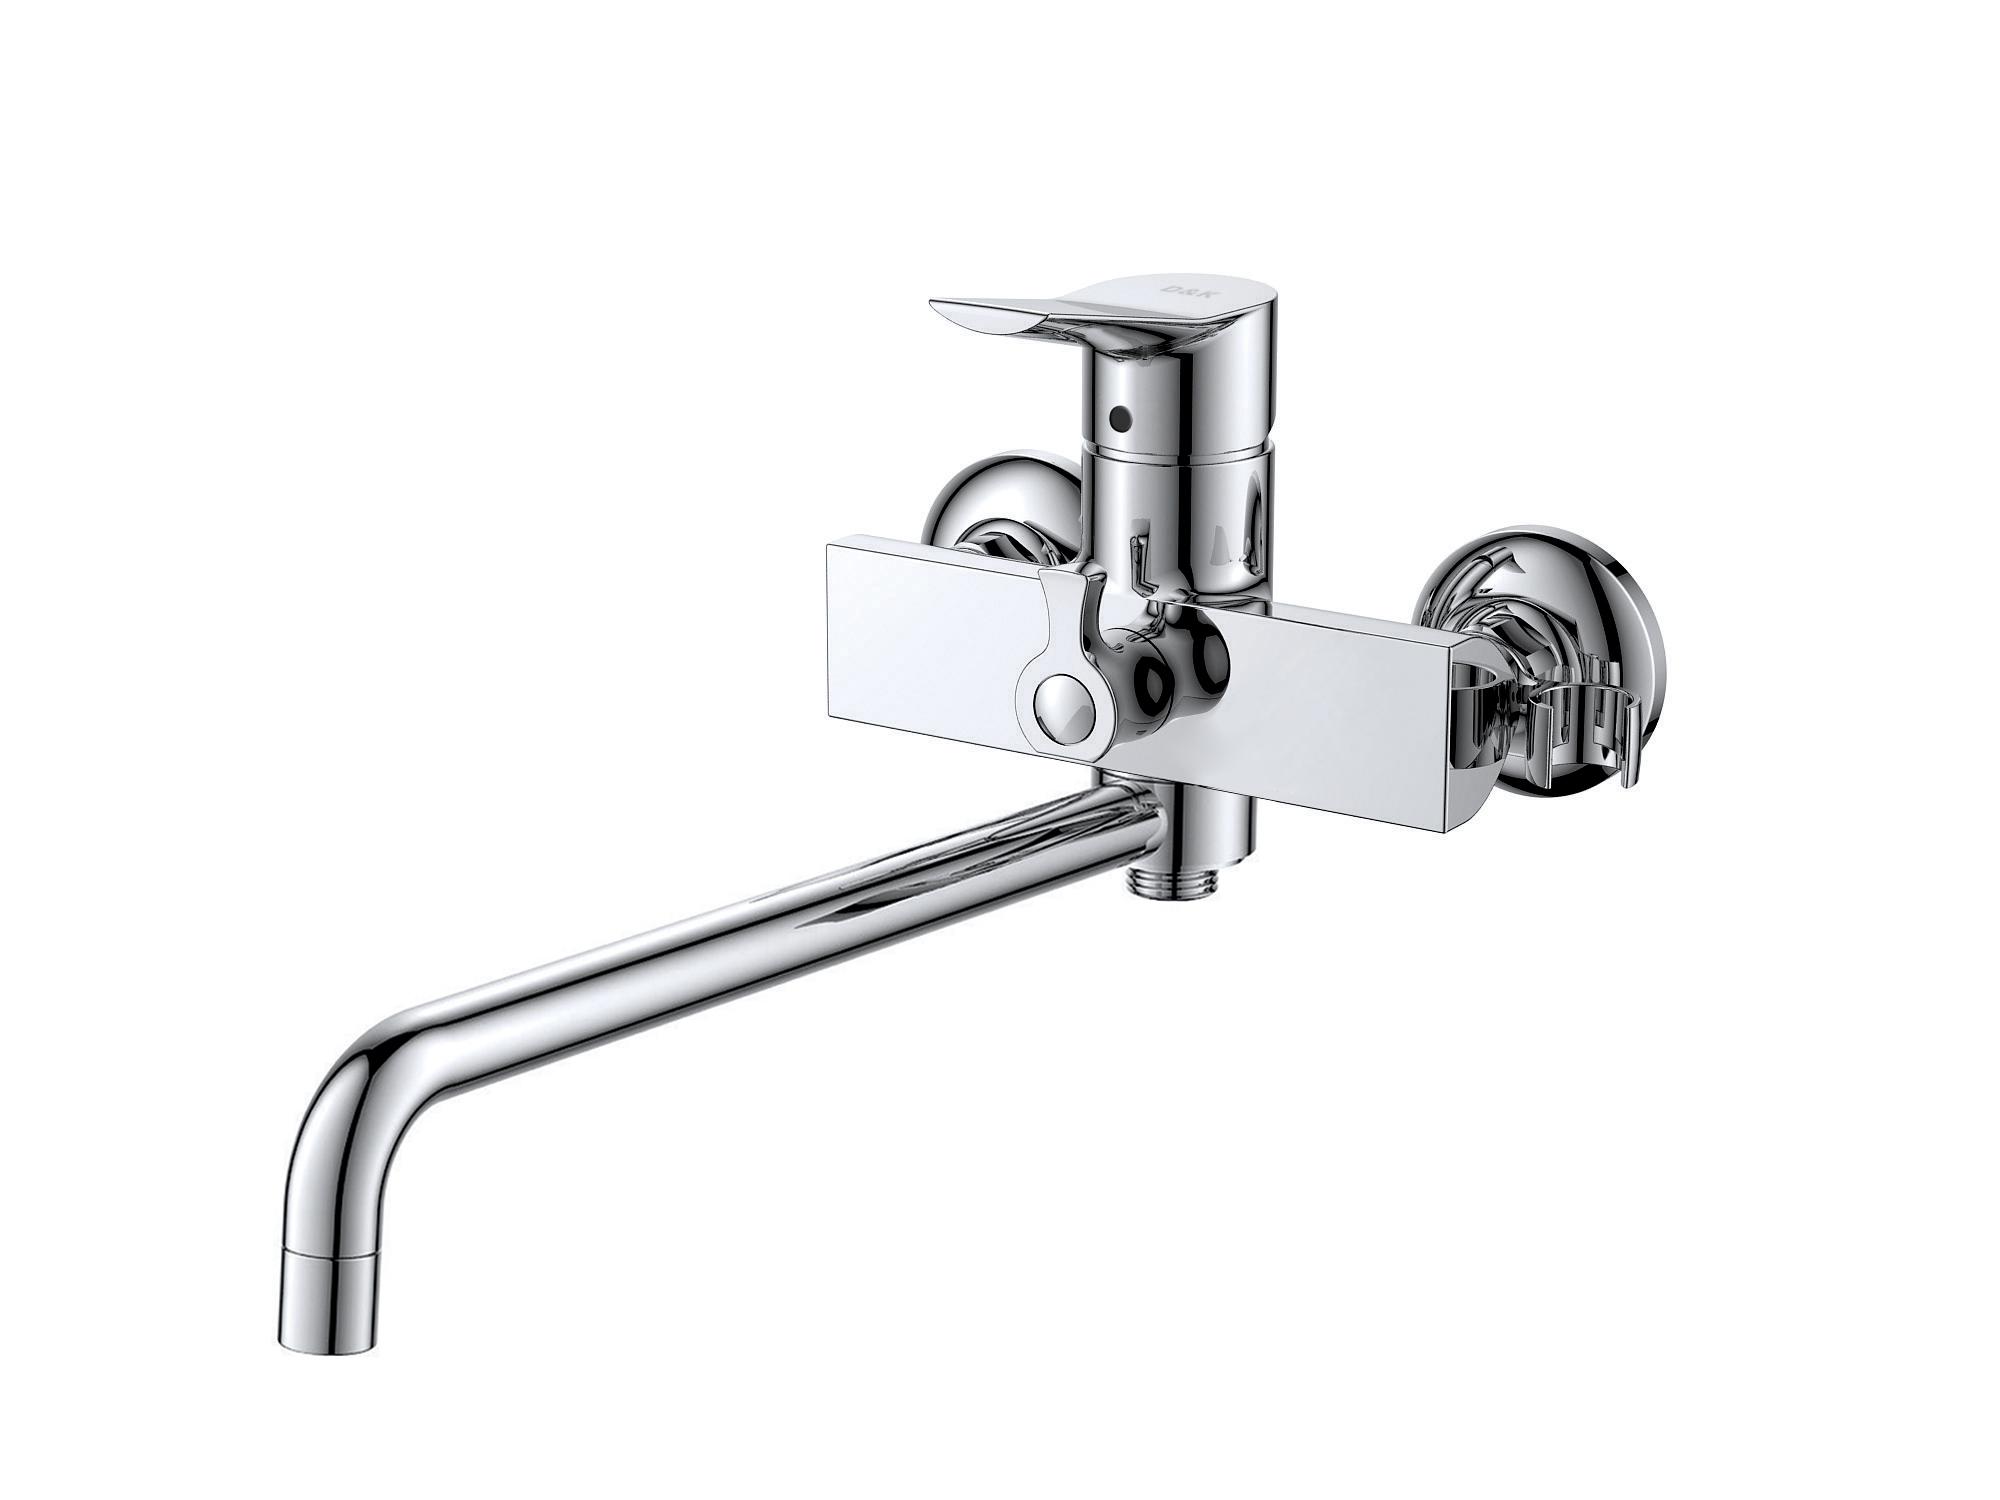 Смеситель для ванны с душем D&K Rhein.Mosel DA1263341 длинный излив хром